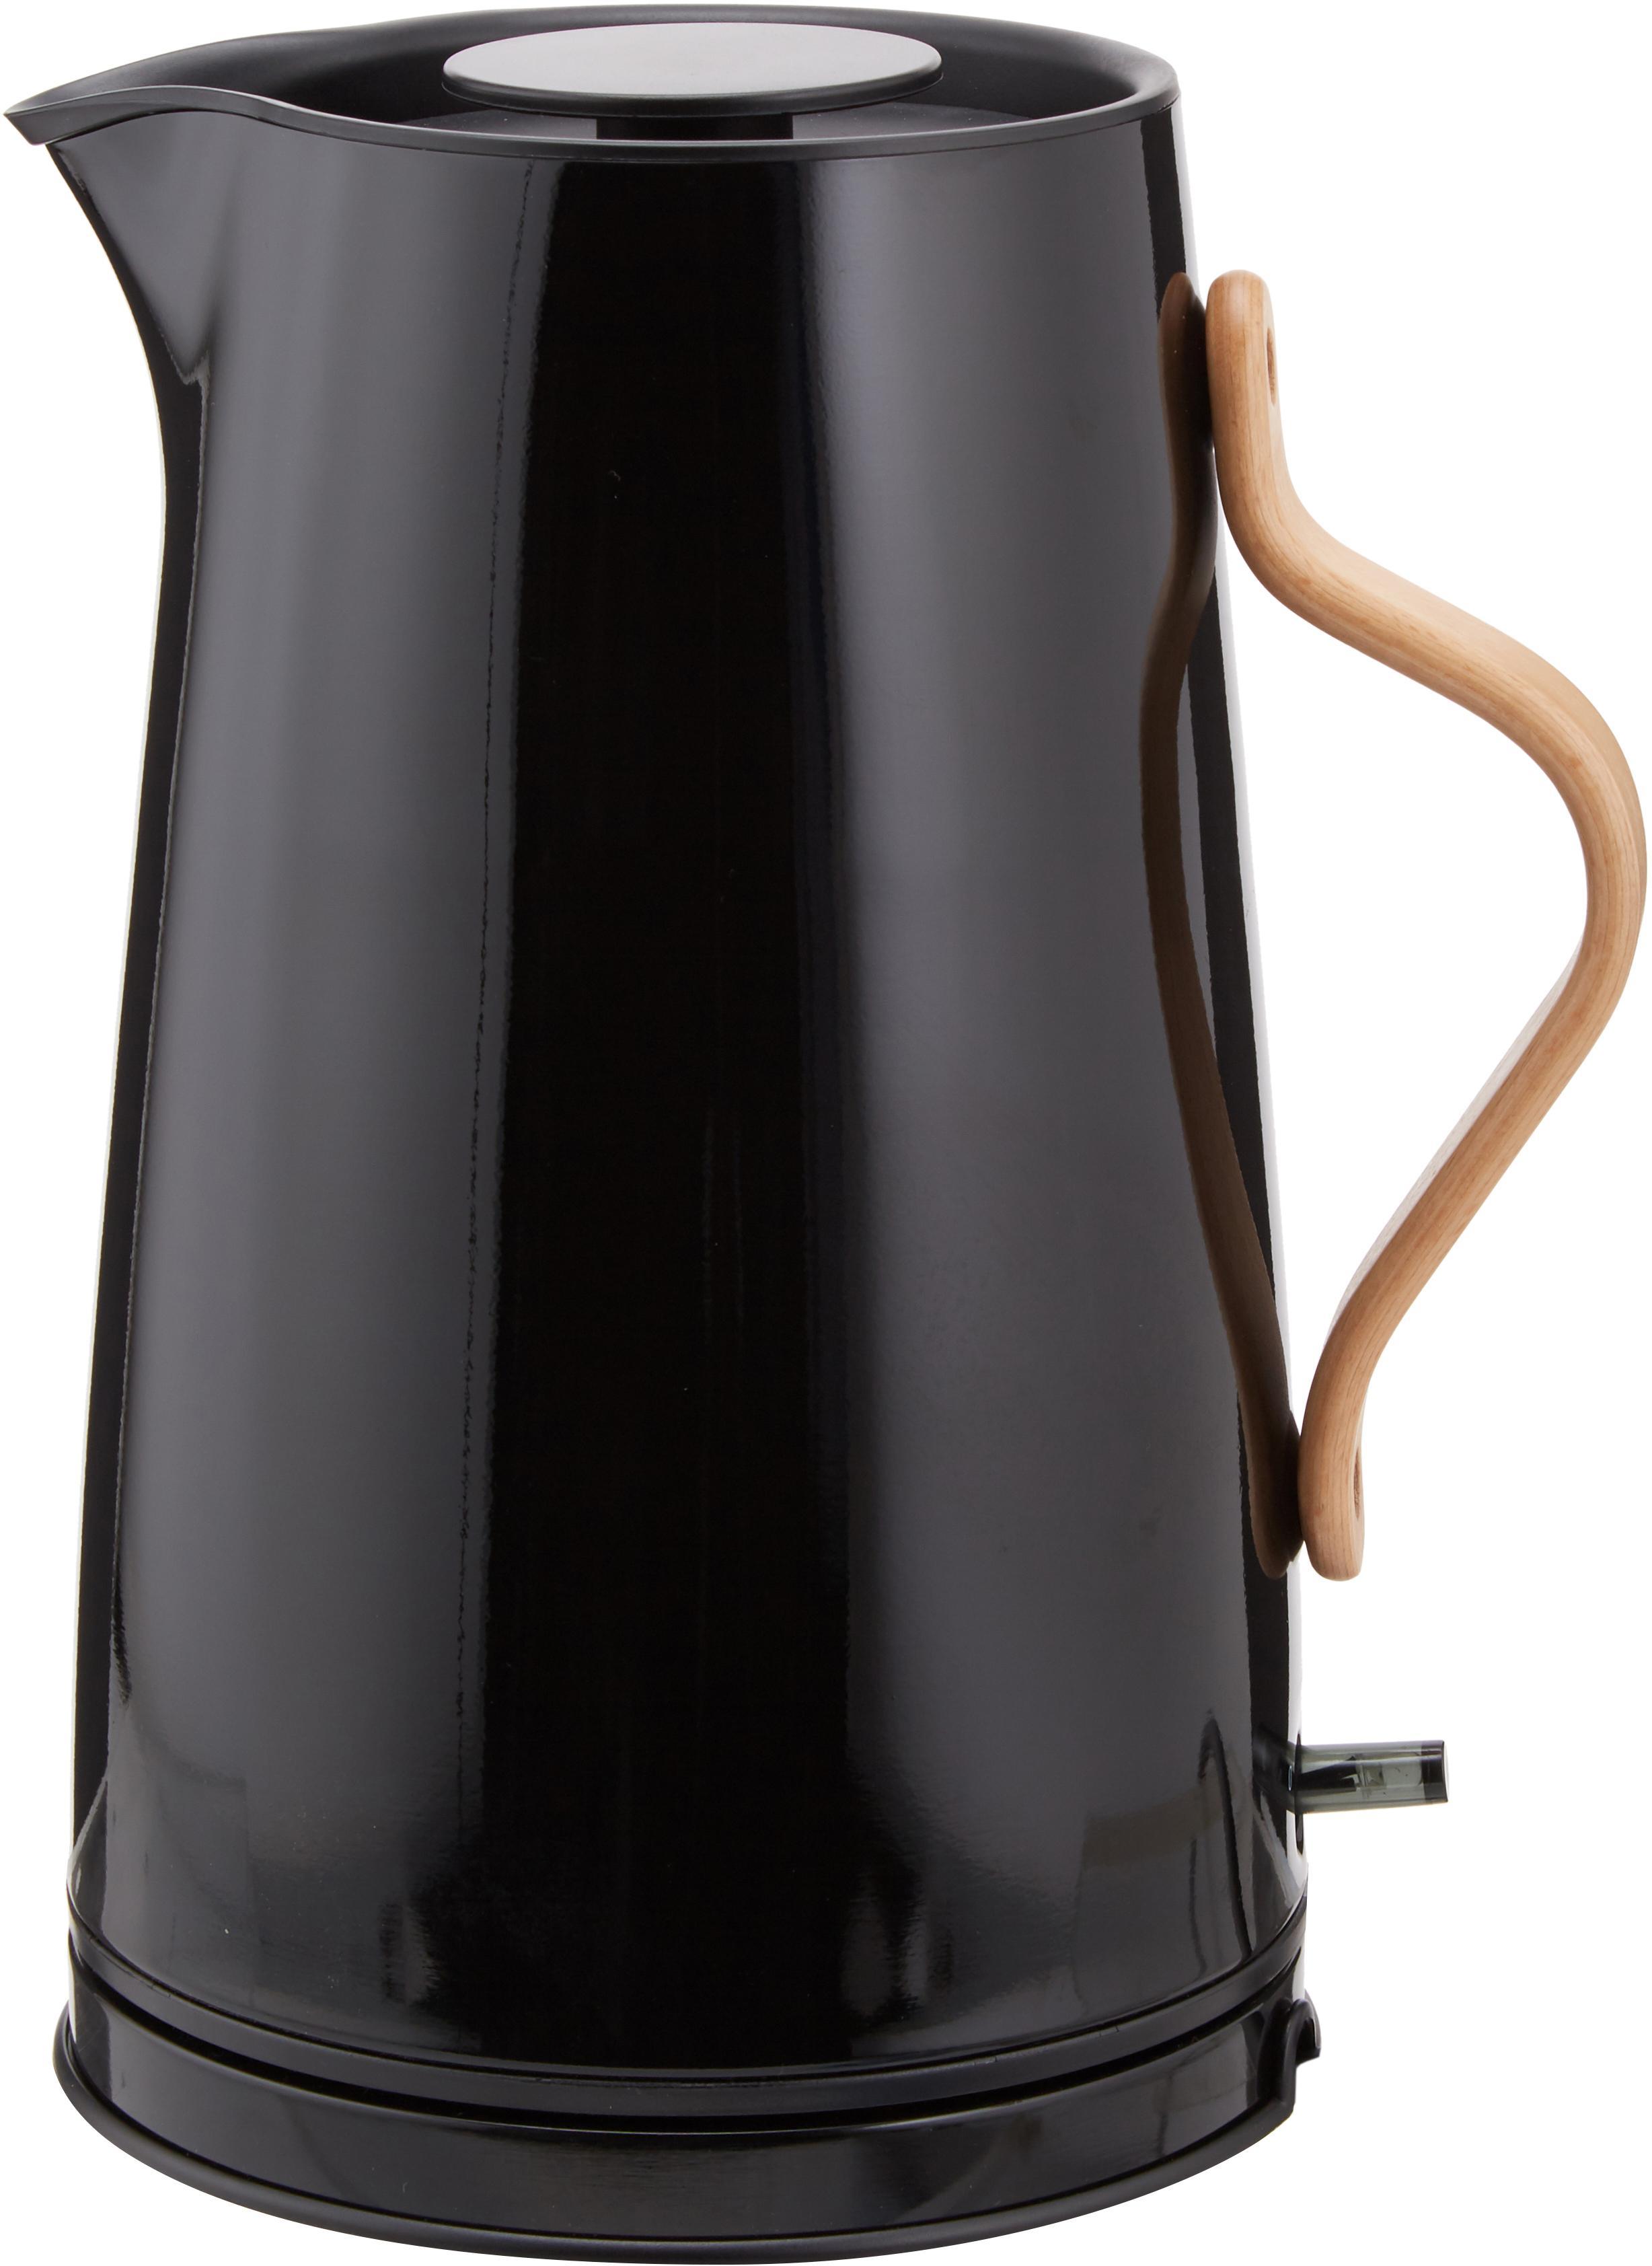 Waterkoker Emma, Zwart, 1.2 L